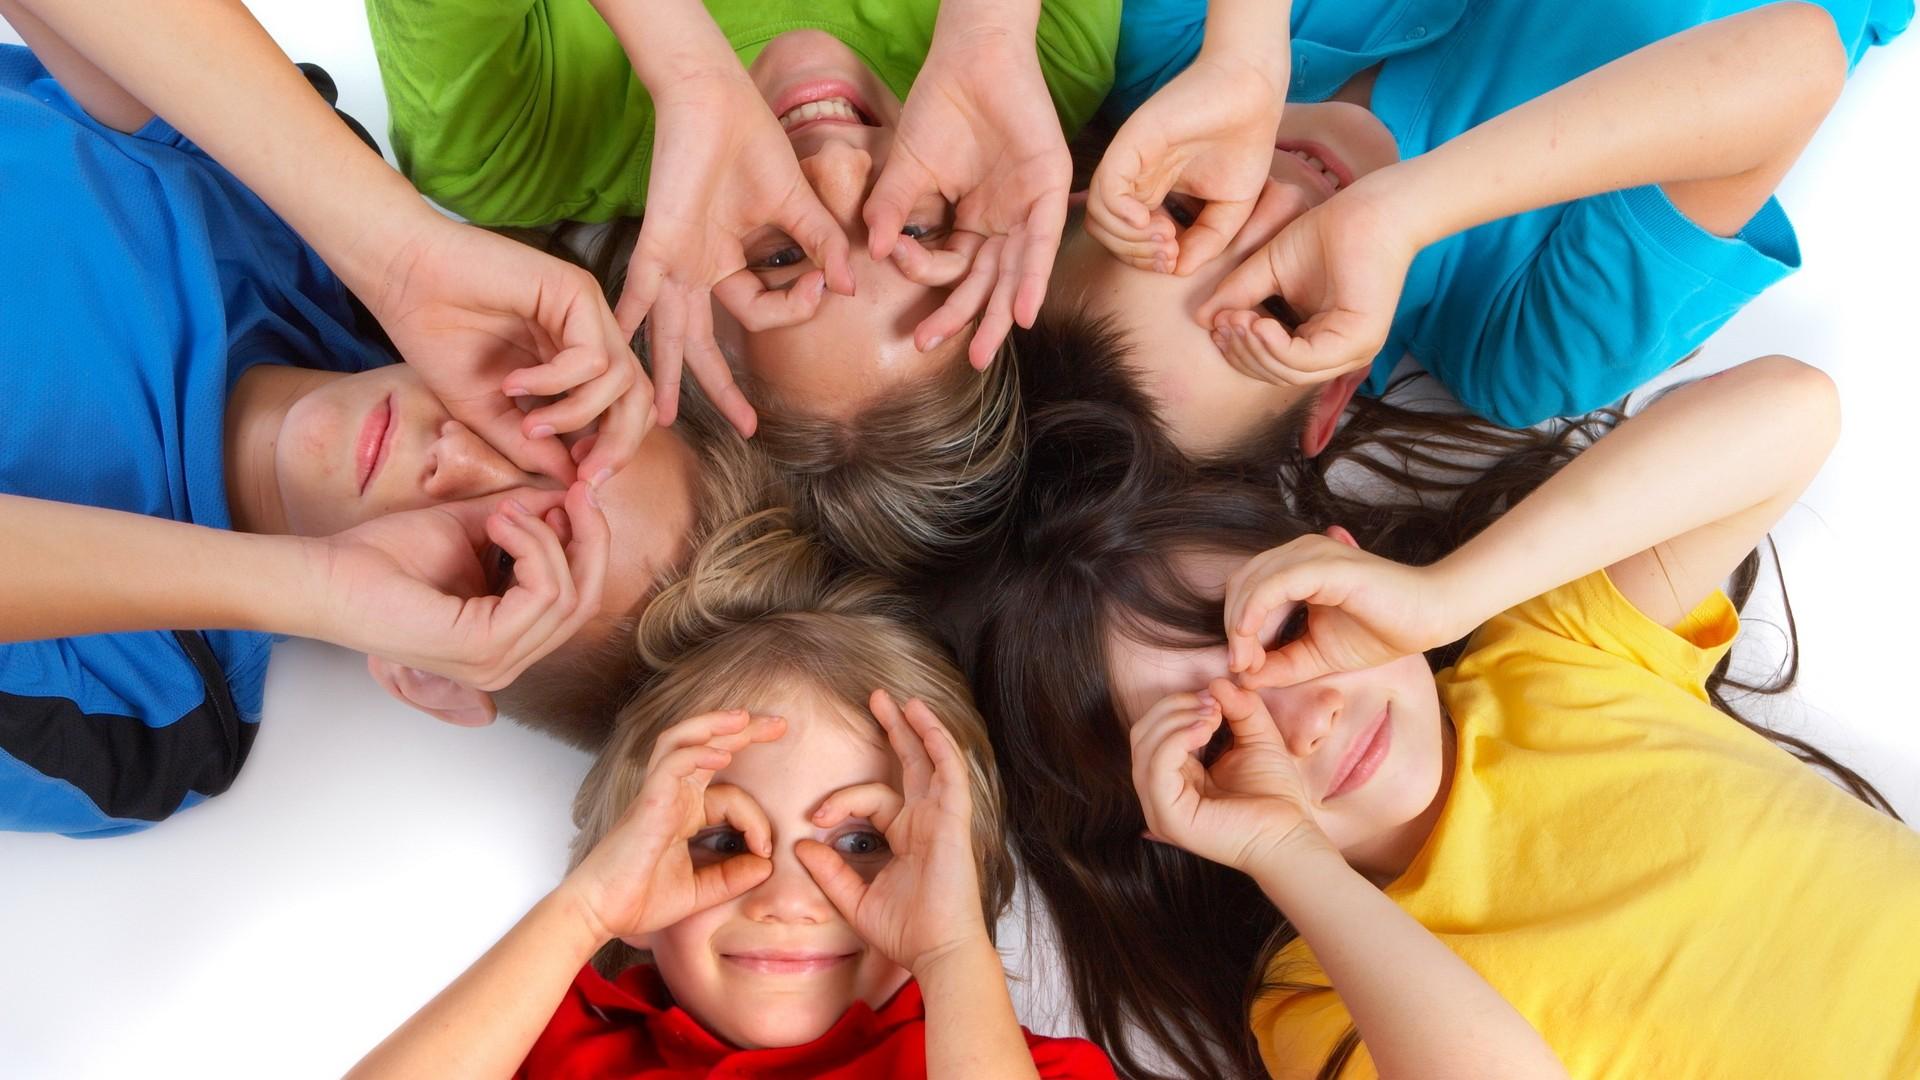 Регистрация детей на кастинг для съемок от 3 руб.